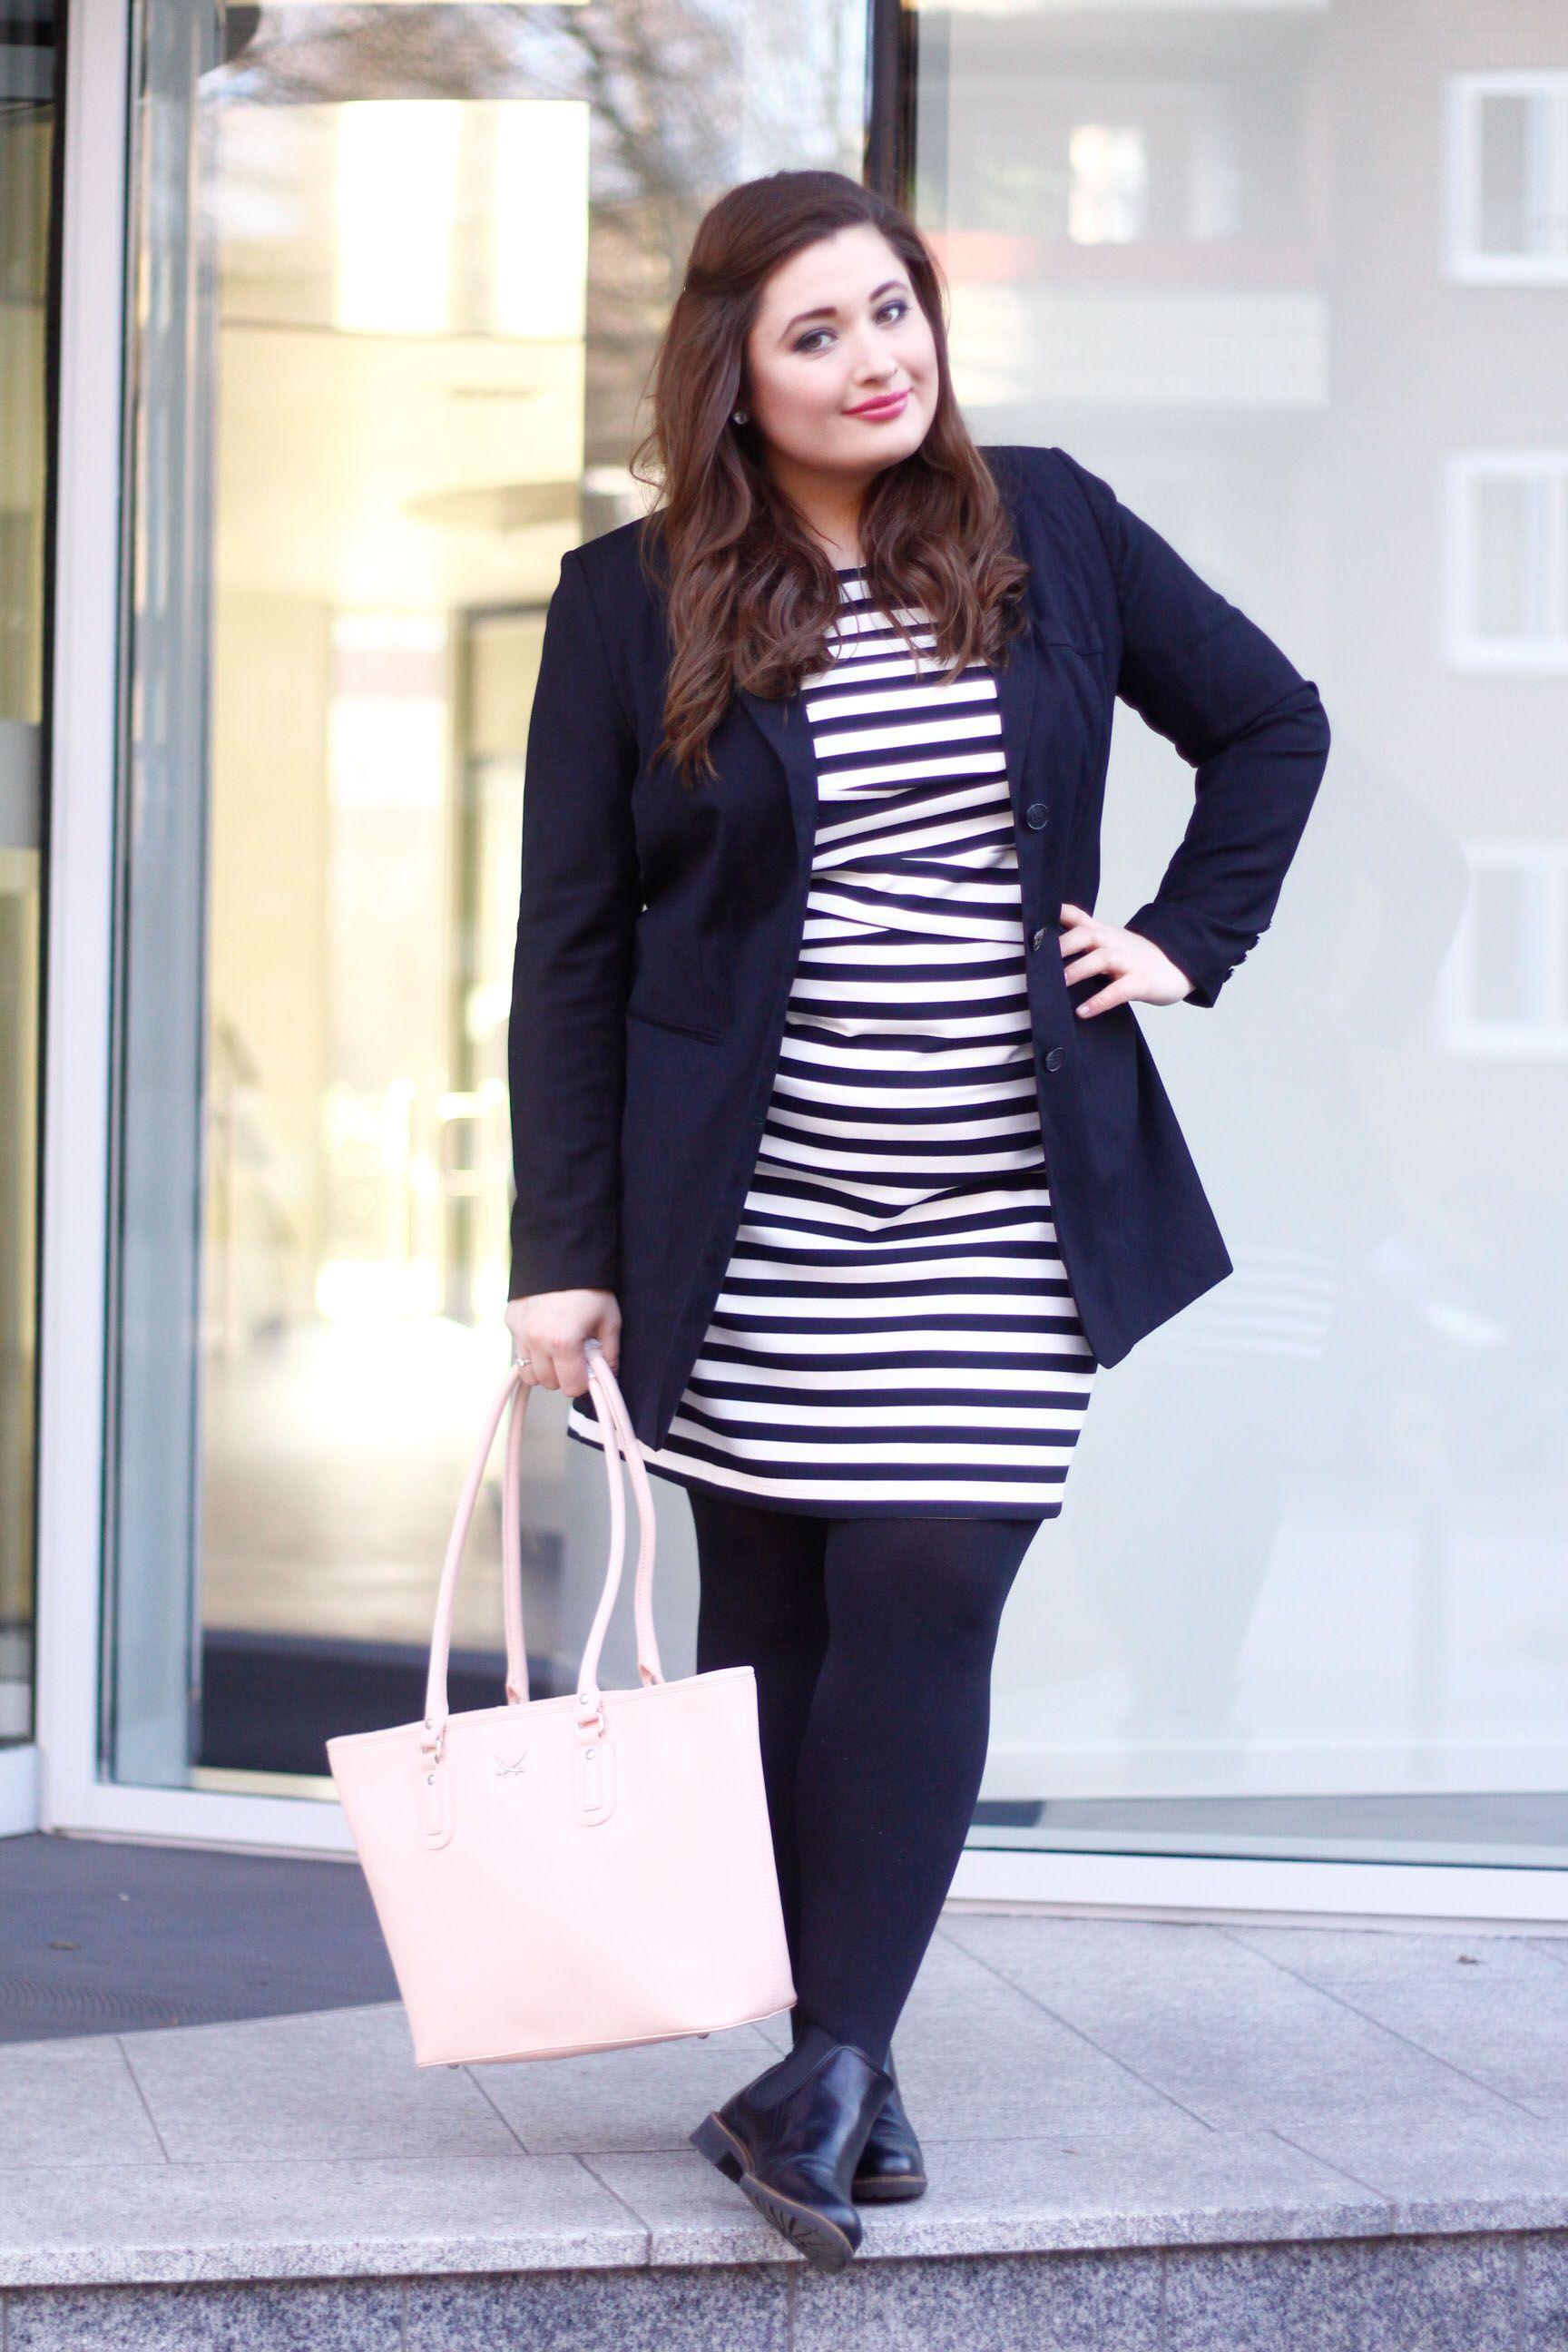 00abbb3096b5d PLUS SIZE FASHION  Streifen machen schön! Zwei Outfit Inspirationen ...